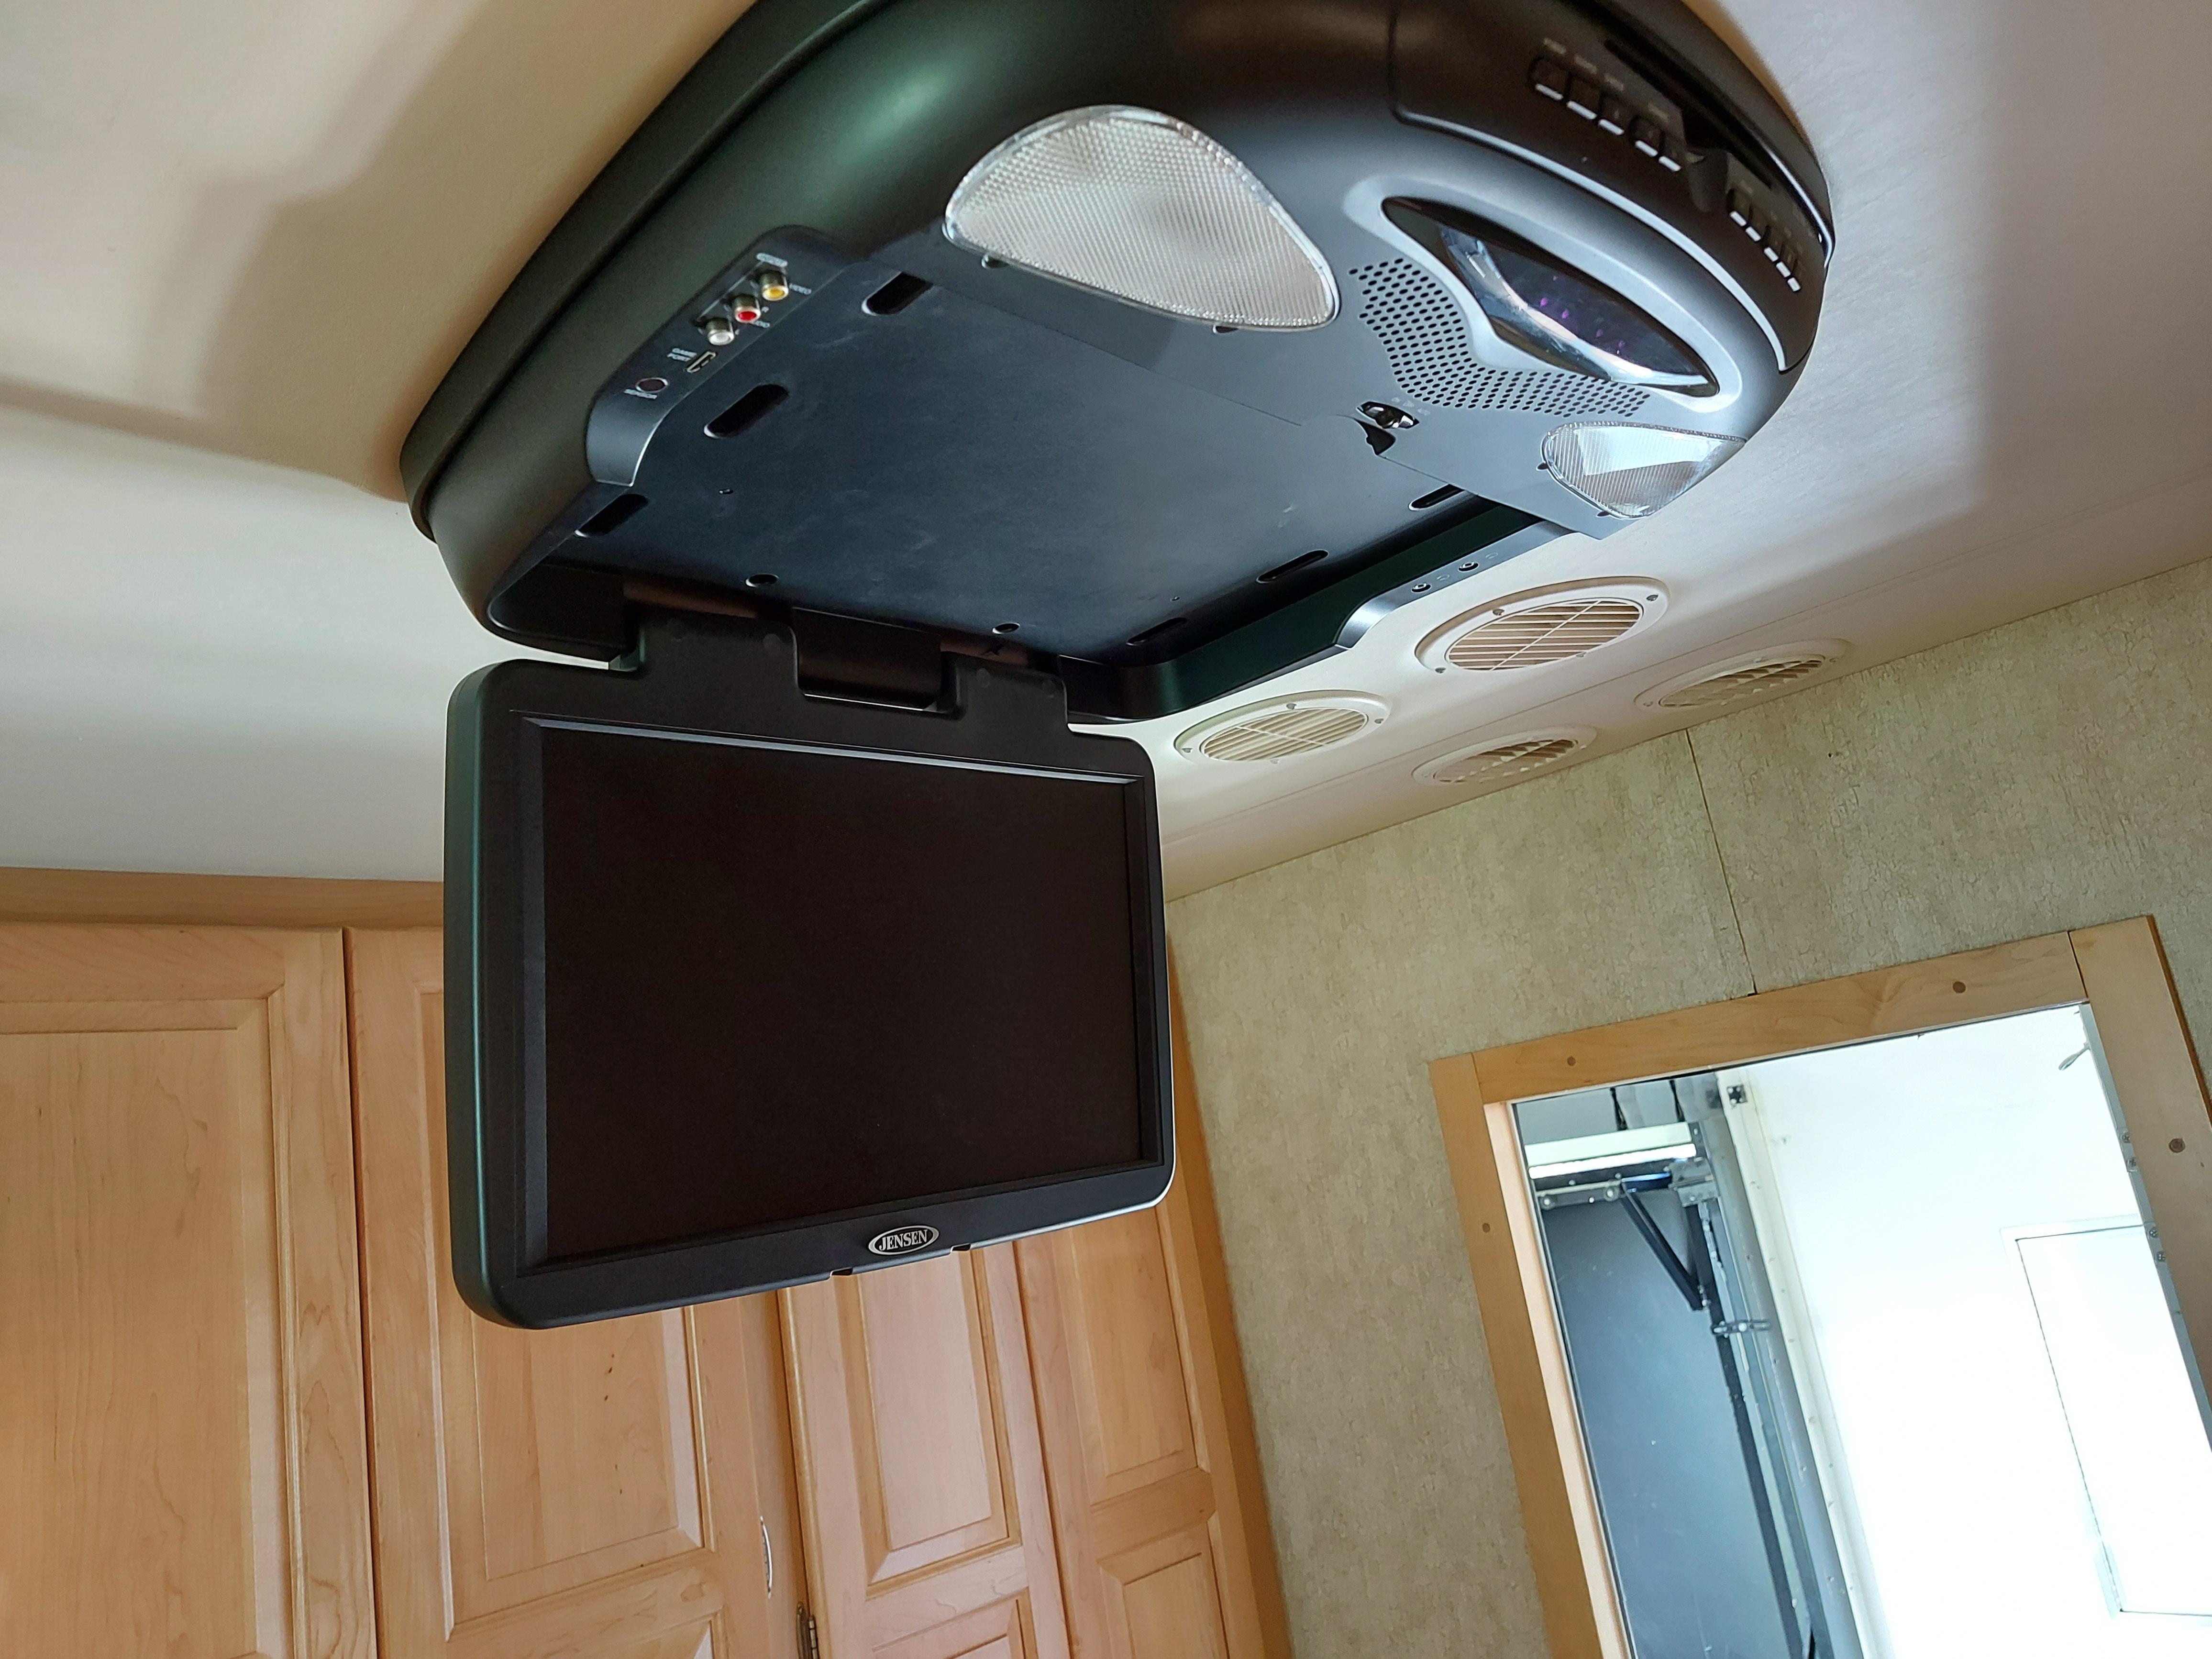 Uppfällbar TV ovan säng.